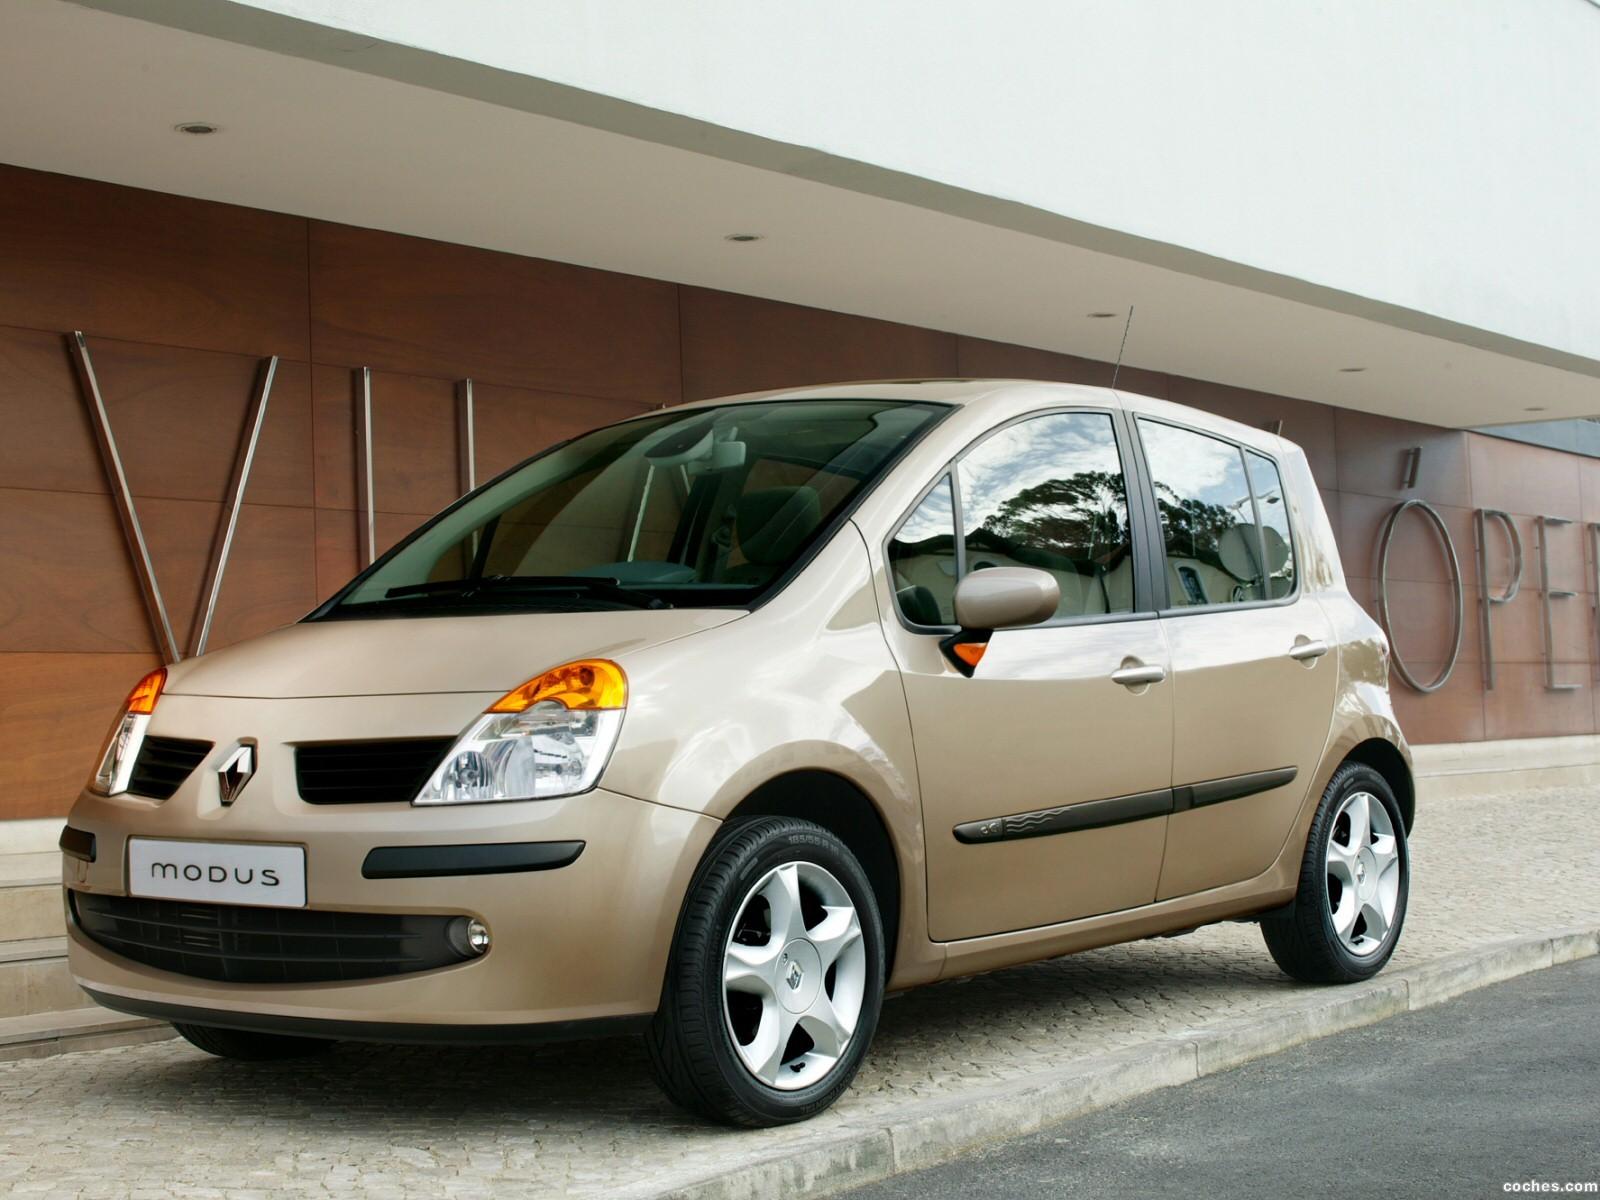 Foto 1 de Renault Modus 2004